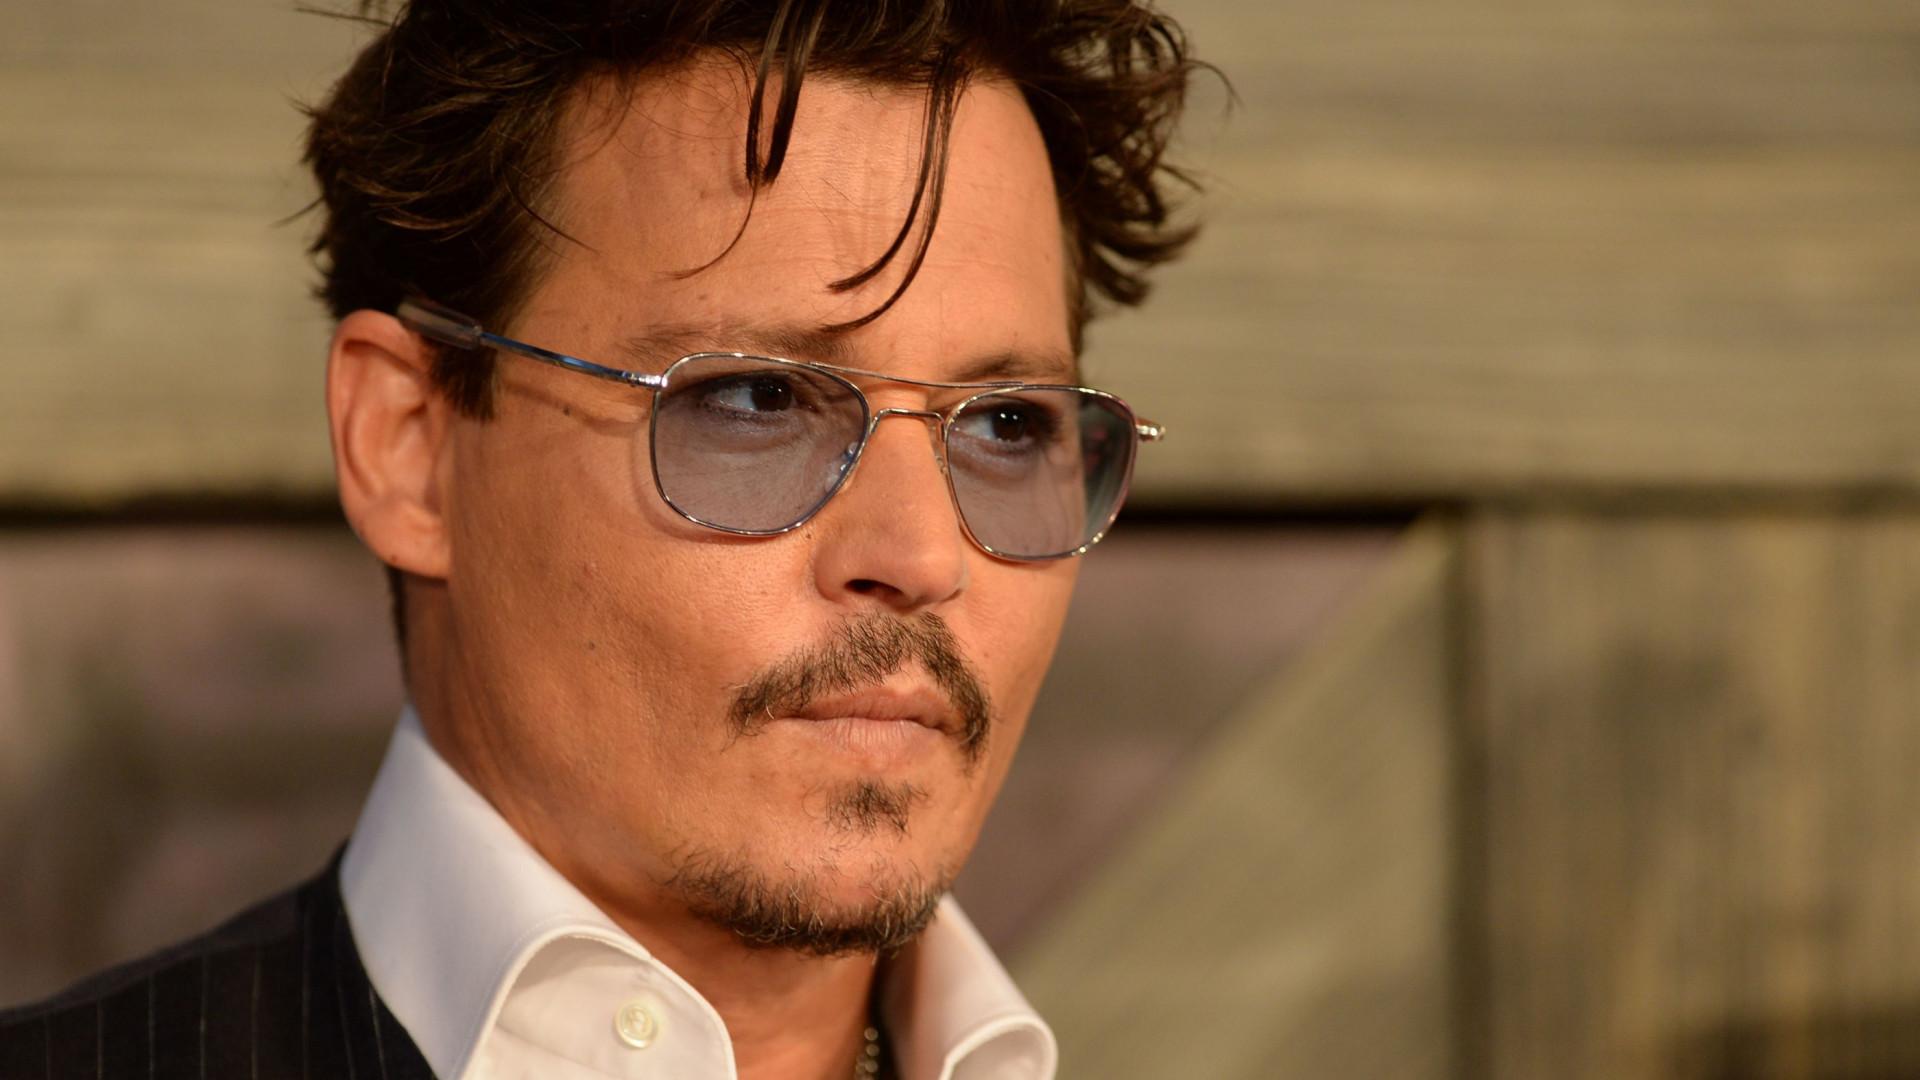 Johhny Depp posta foto irônica atrás das grades para receber prêmio